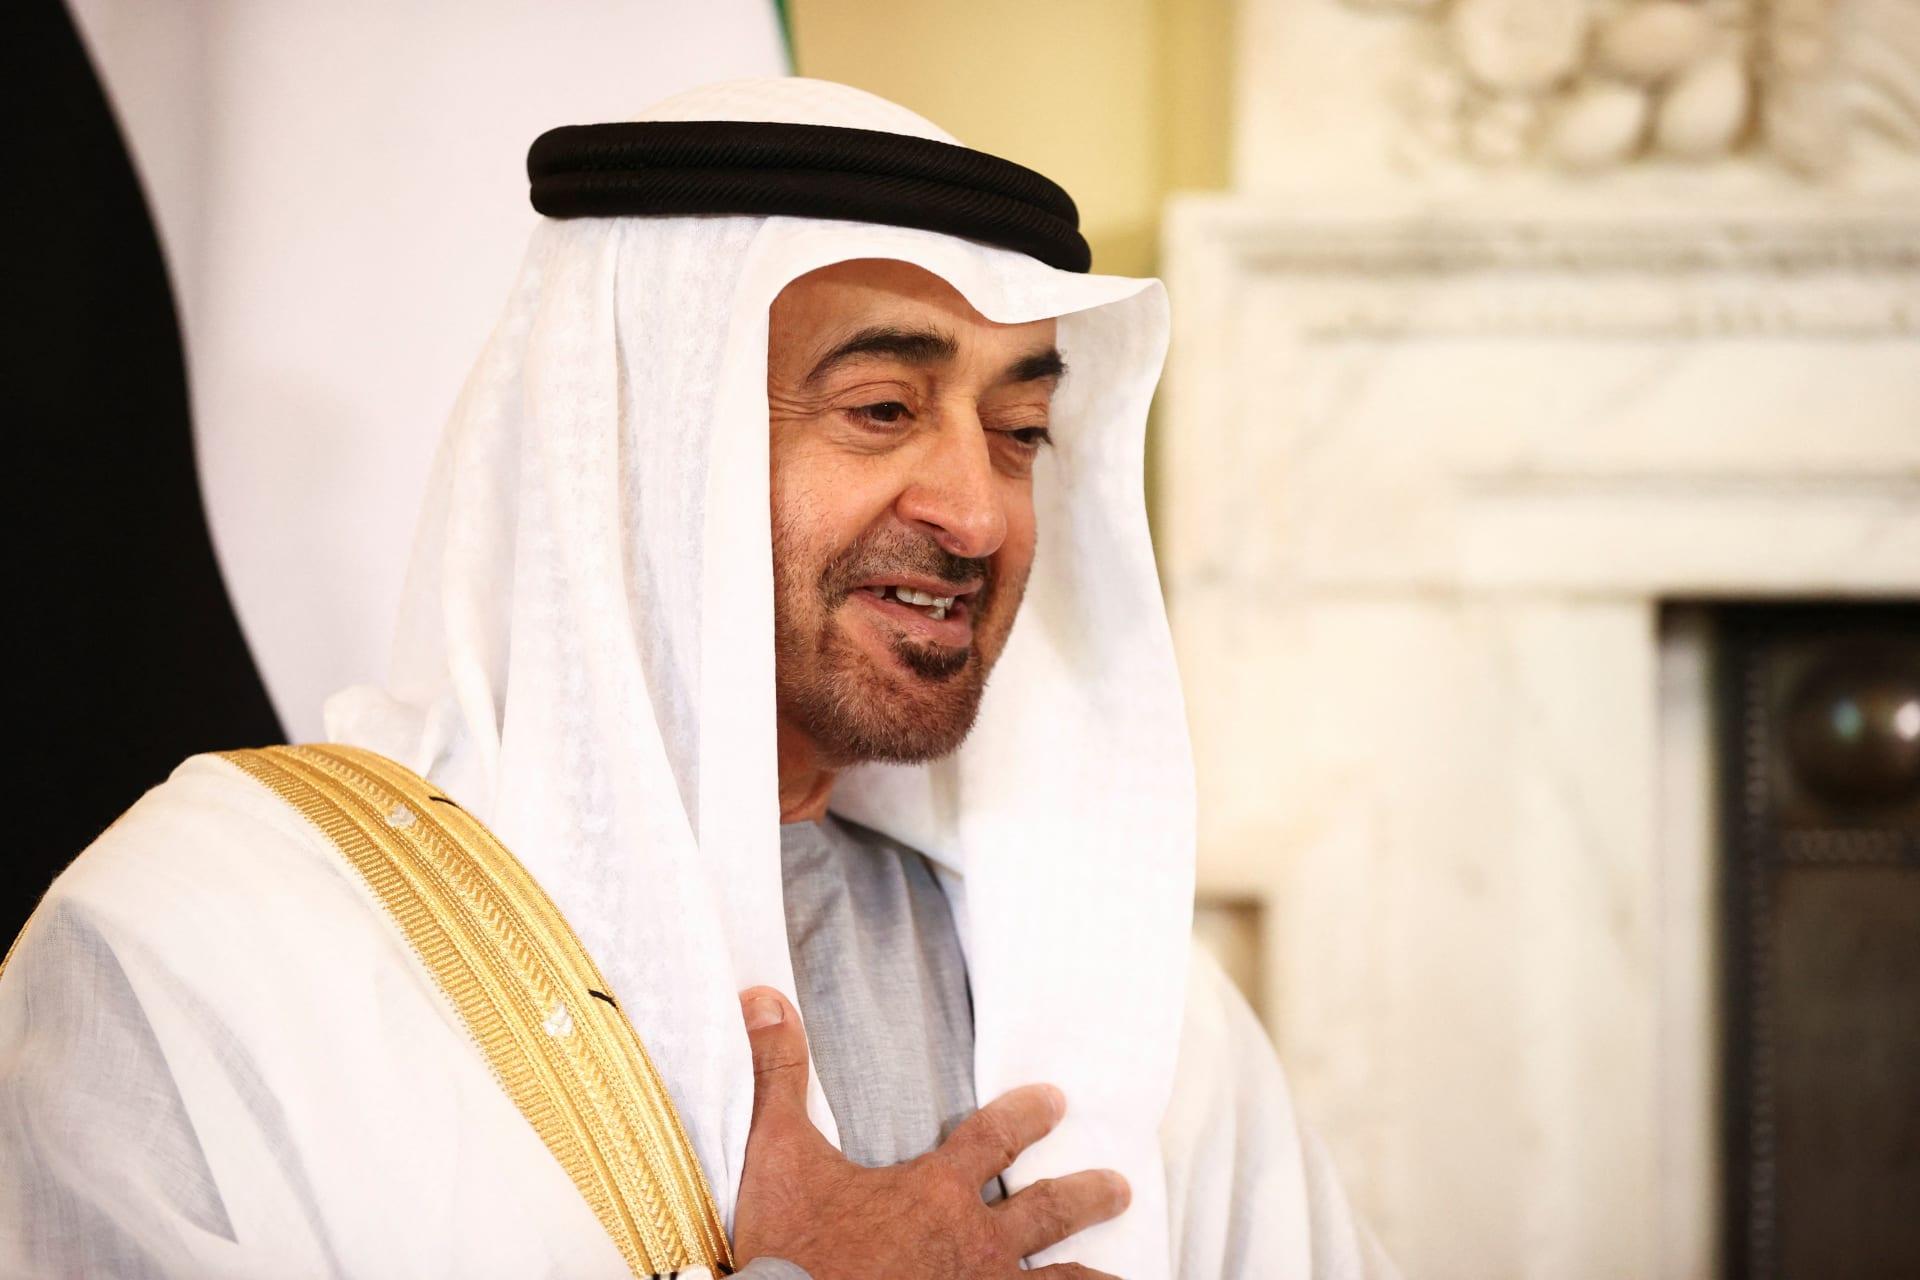 الشيخ محمد بن زايد، ولي عهد أبوظبي نائب القائد الأعلى للقوات المسلحة